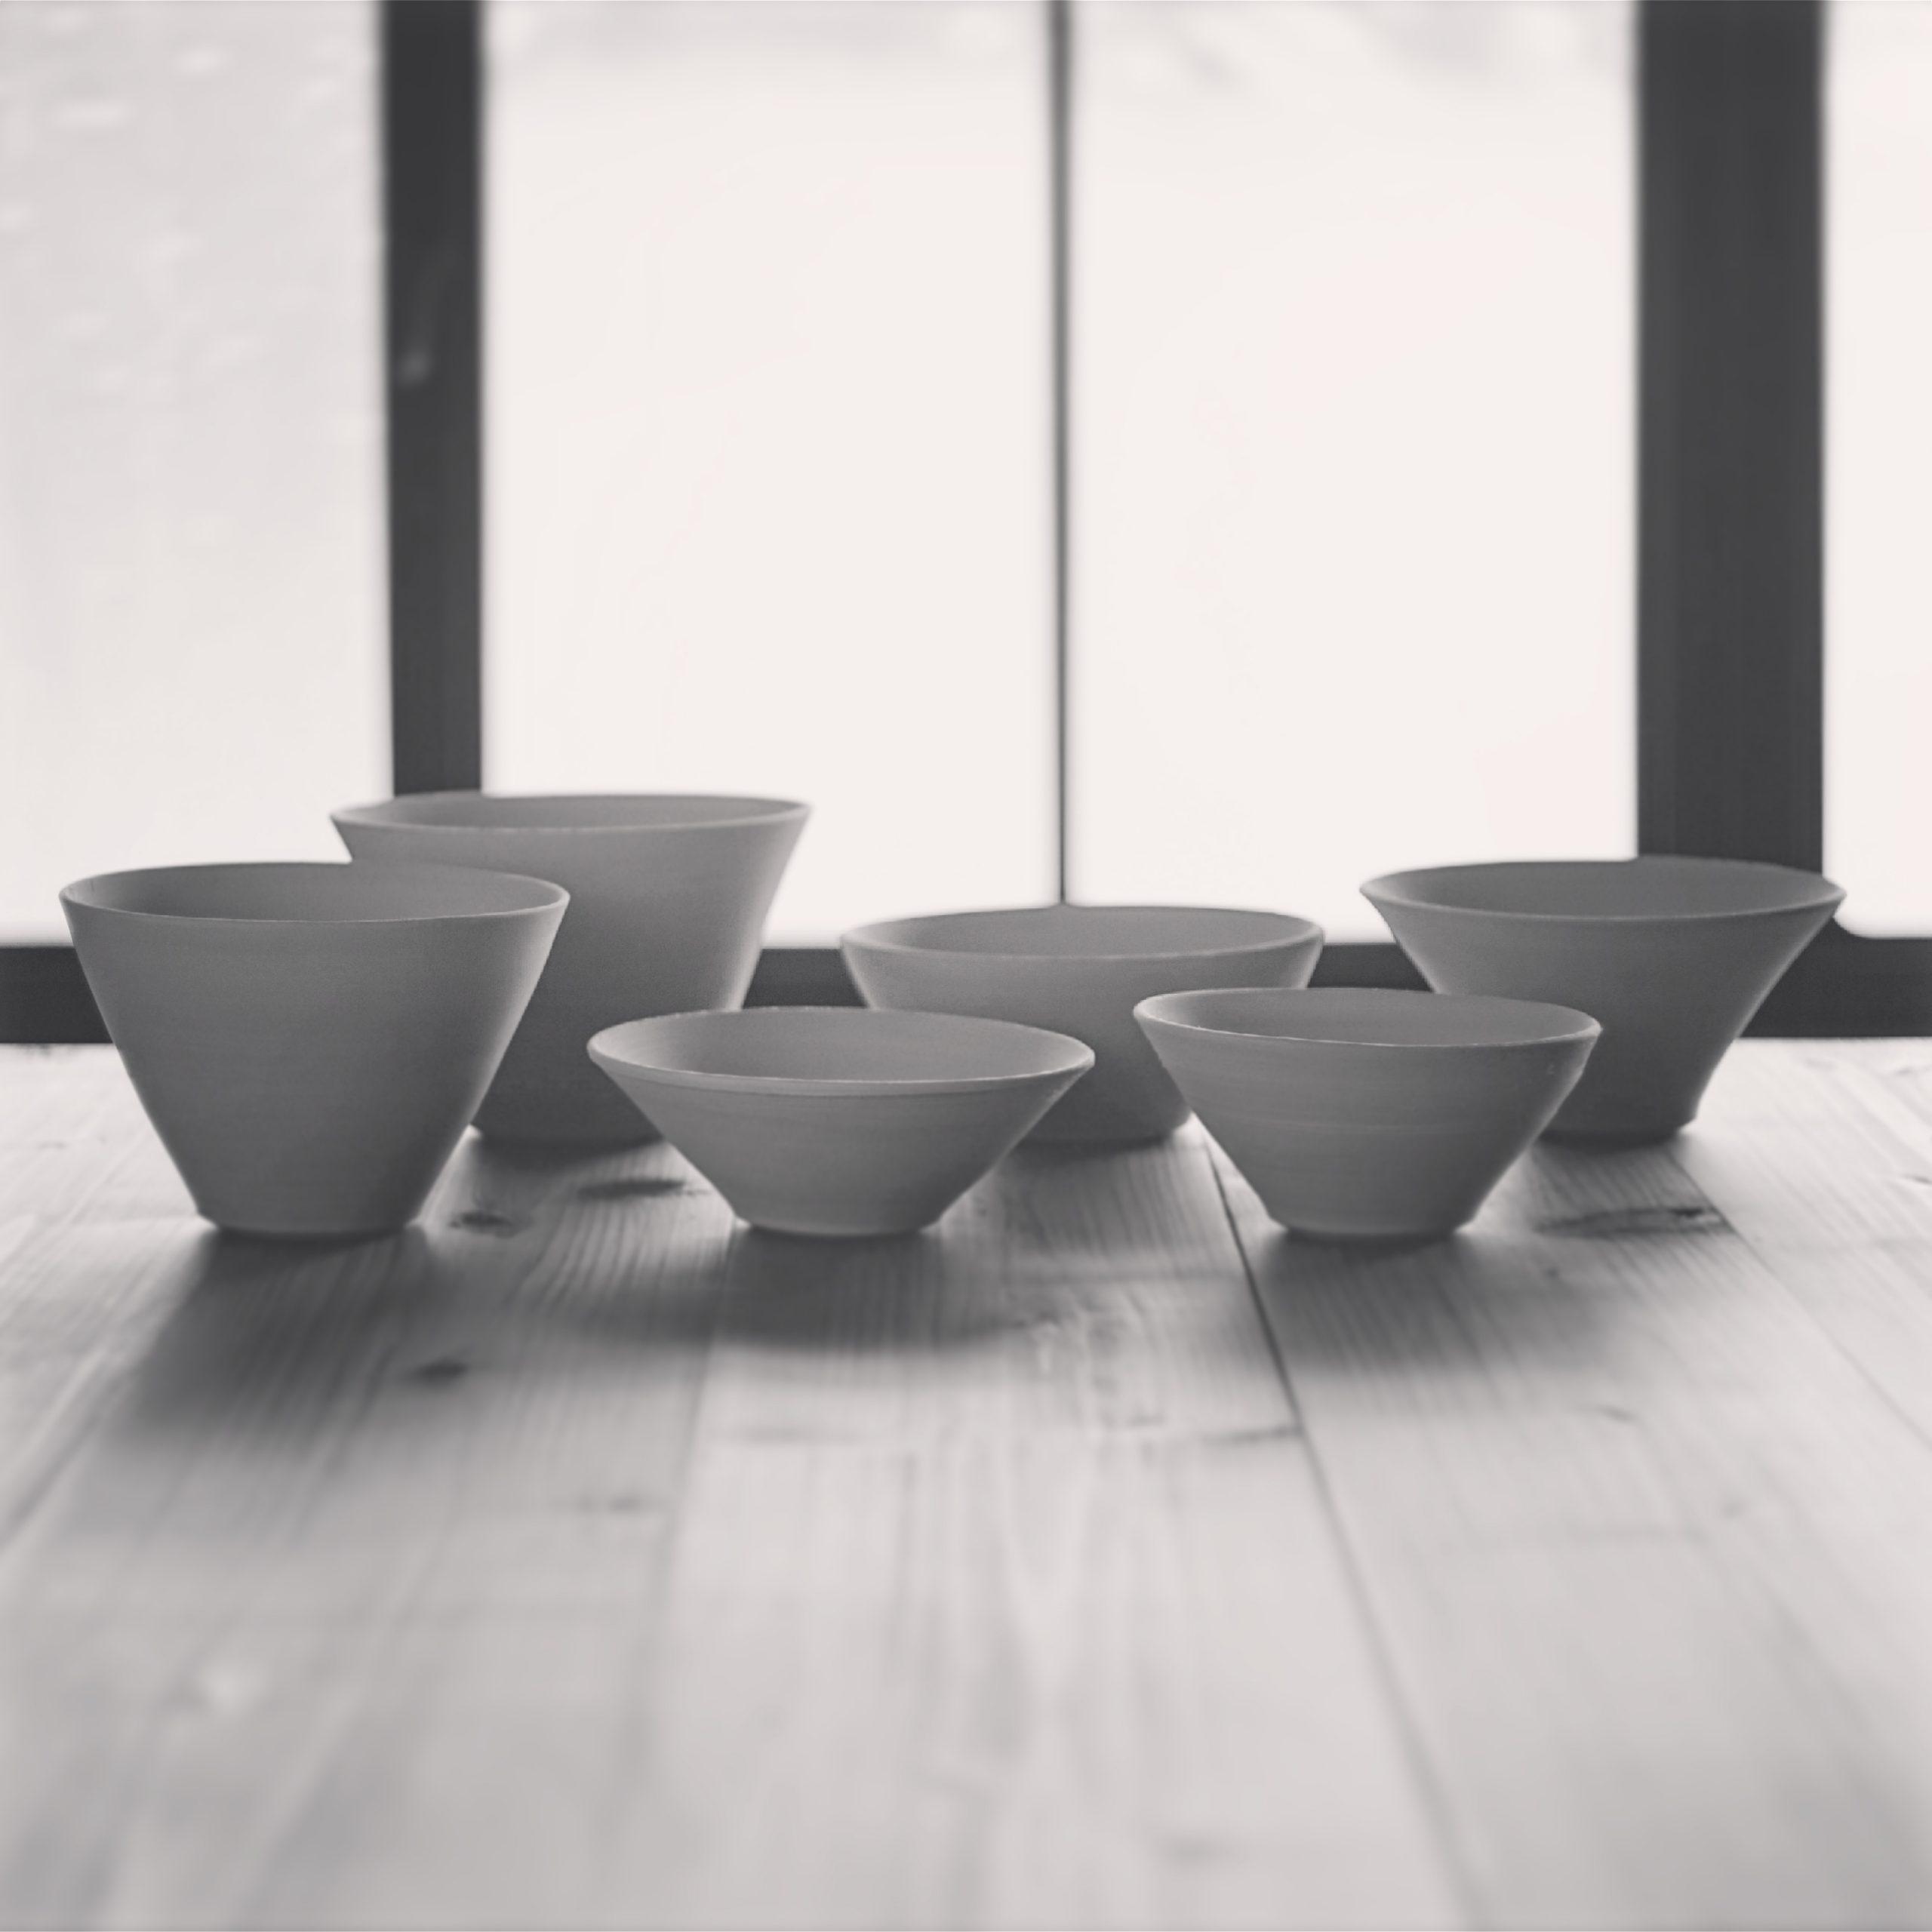 さまざまな形のボウルの試作品